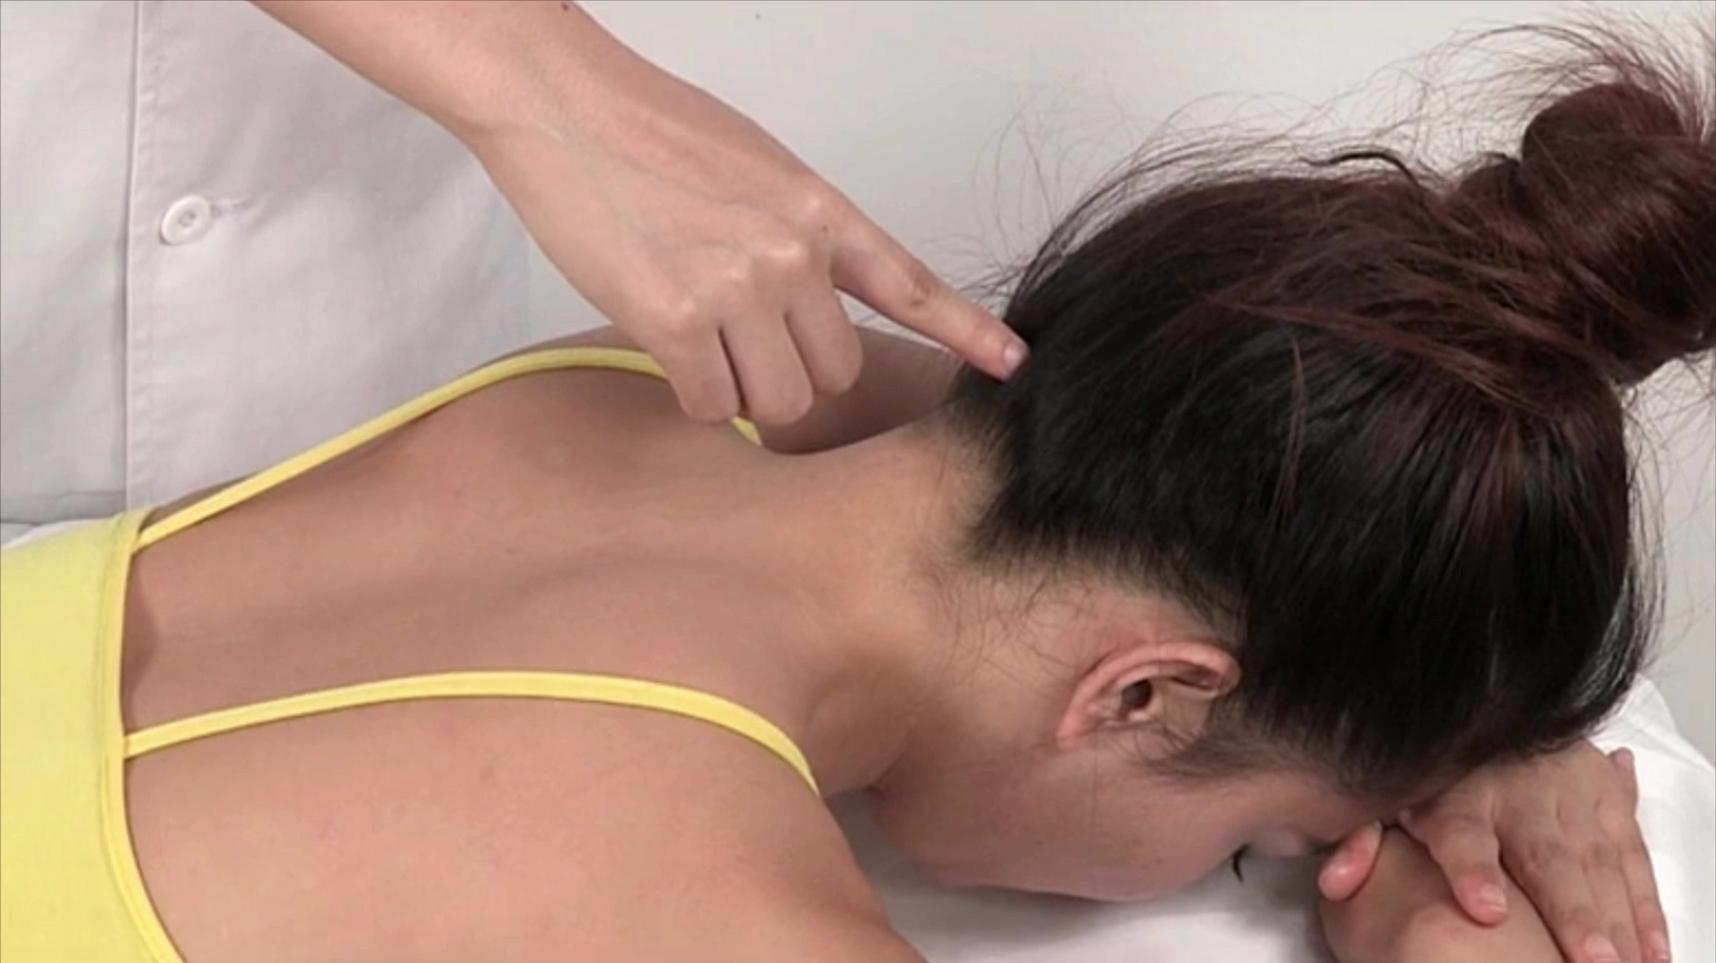 感冒:穴位艾灸可缓解感冒